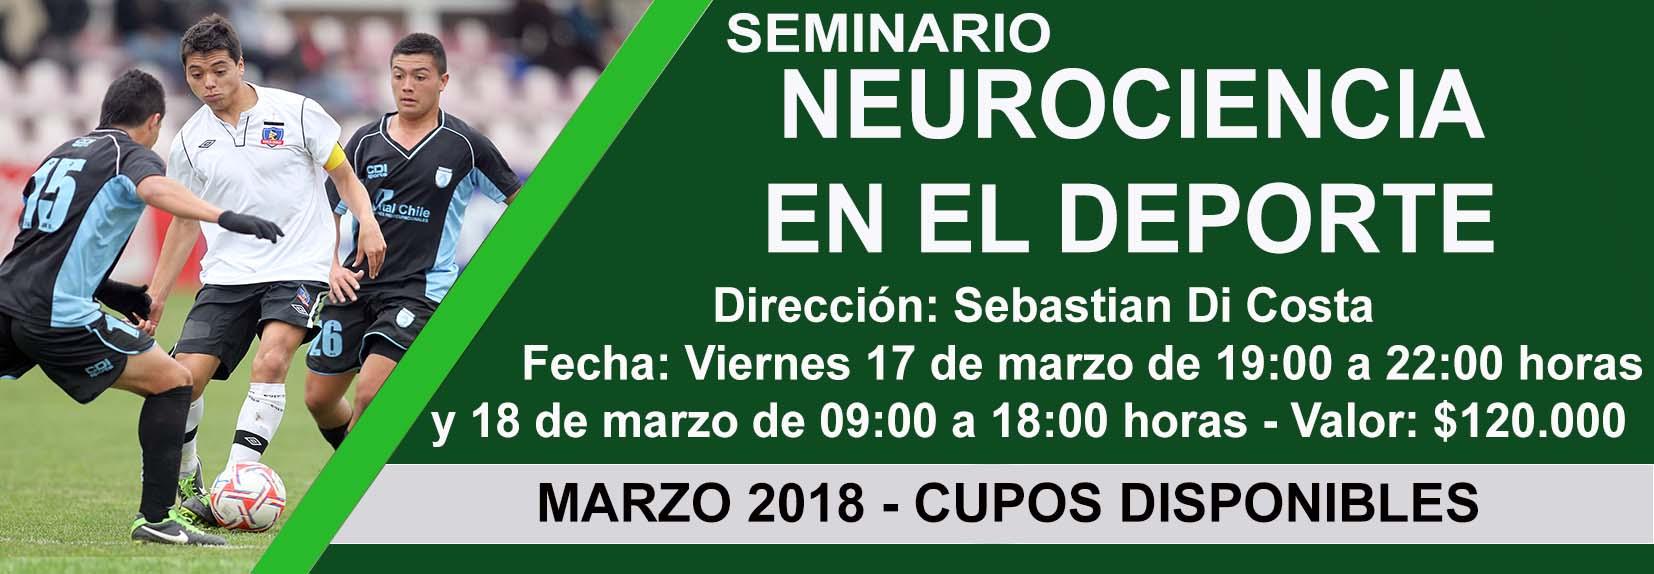 seminario-neurociencia